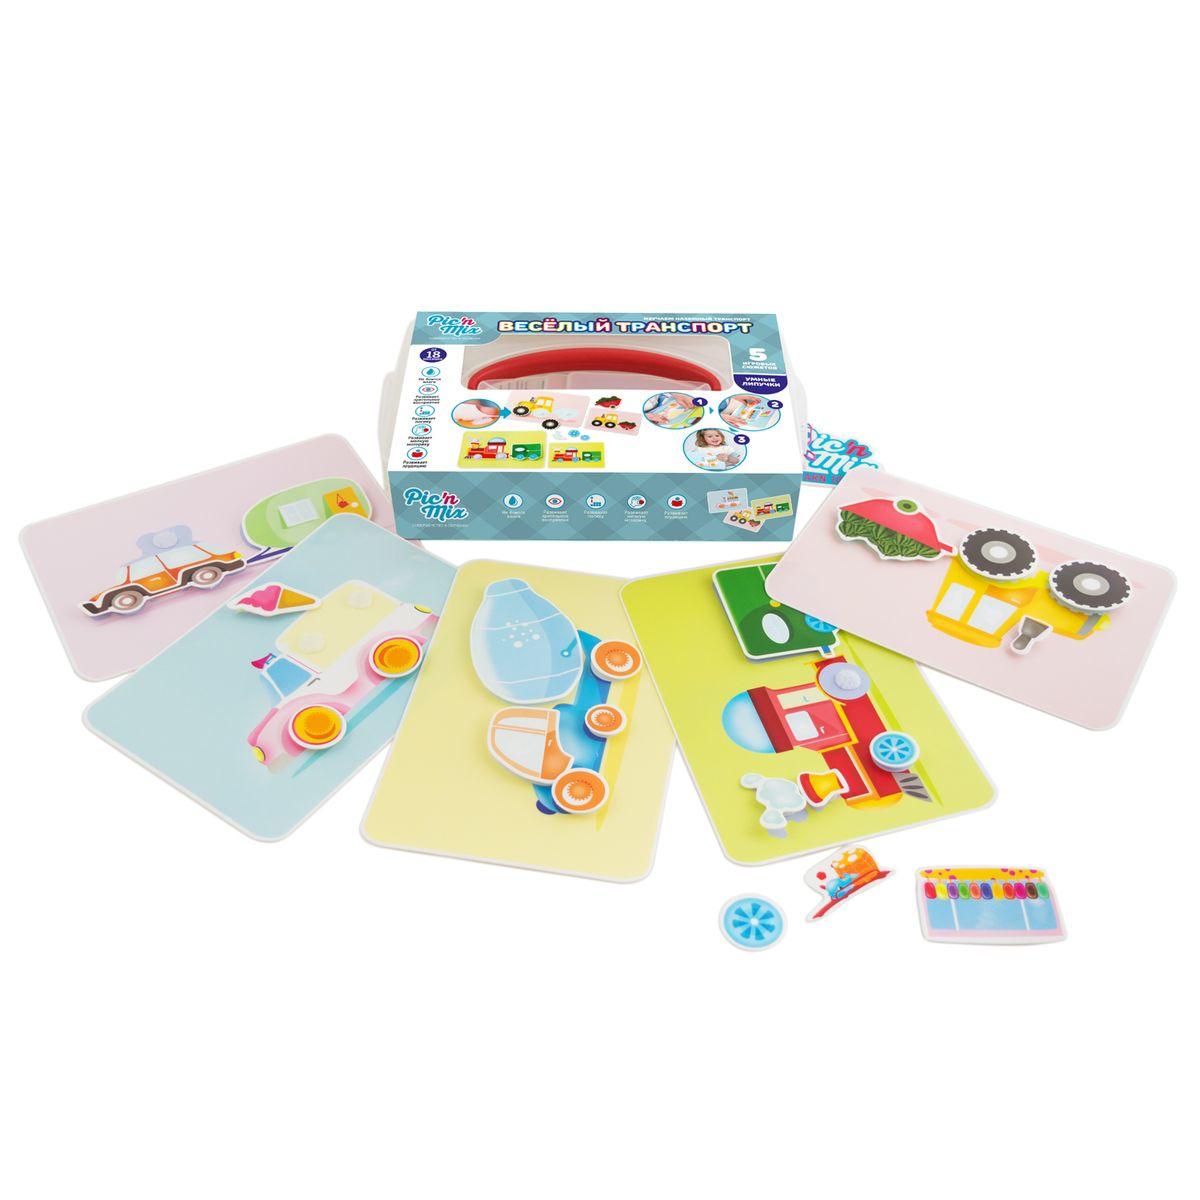 Pic&Mix Игра настольная развивающая Веселый транспорт112028Обучающая игра пазл-липучка состоит из 5 игровых полей, заполняя которые, ребенок изучает названия и виды наземного транспорта, он учится не только их определять по внешнему виду, но и понимать назначение каждого из них. Развивает следующие навыки: логическое мышление; восприятие формы и цвета; зрительную память; речевое общение; мелкую моторику рук.